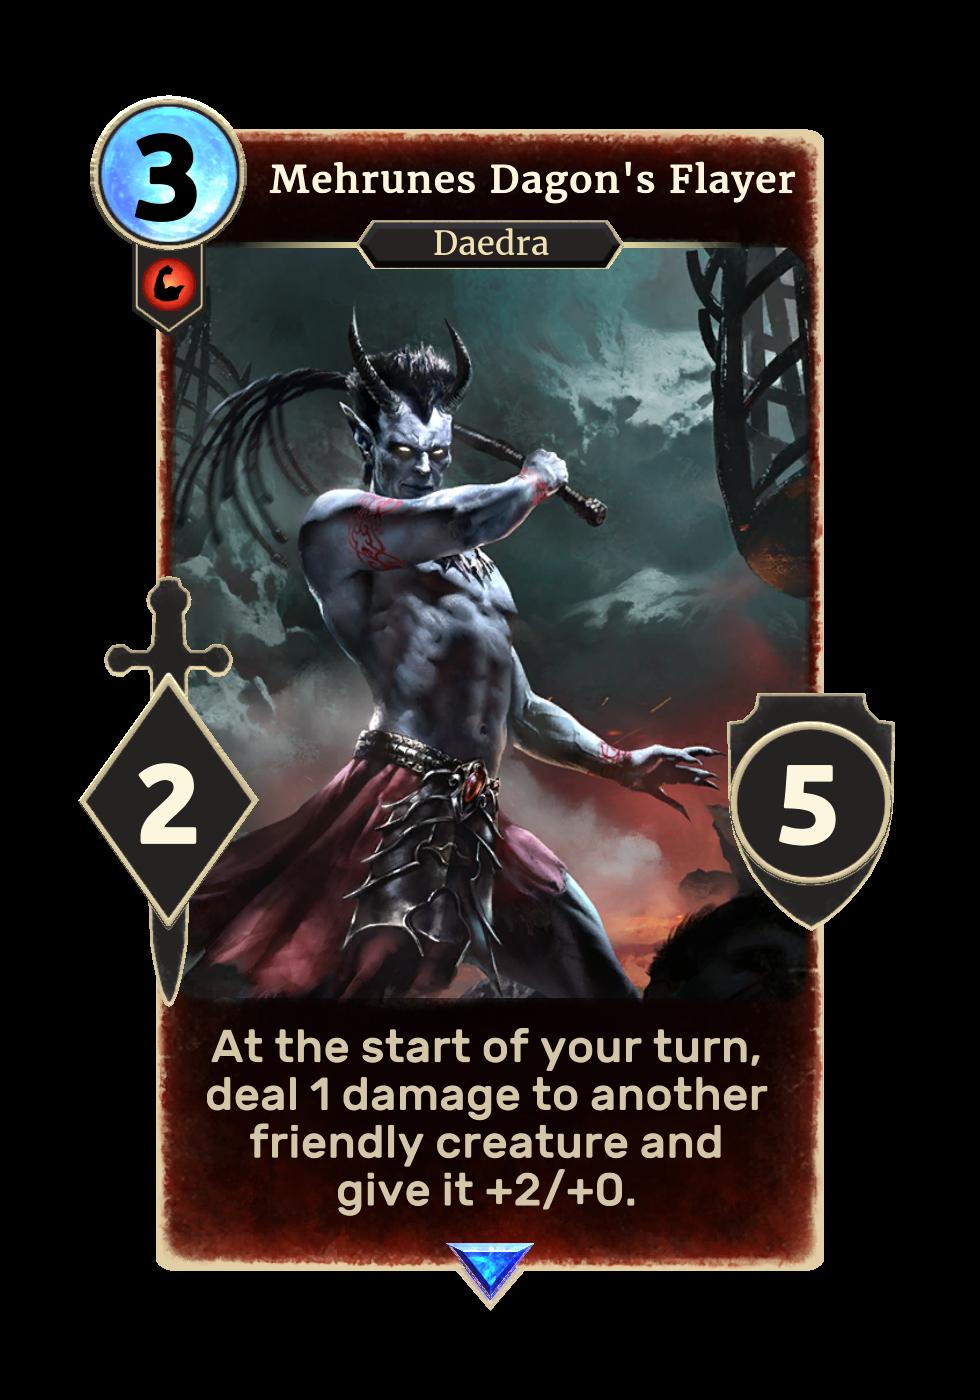 Mehrunes Dagon's Flayer